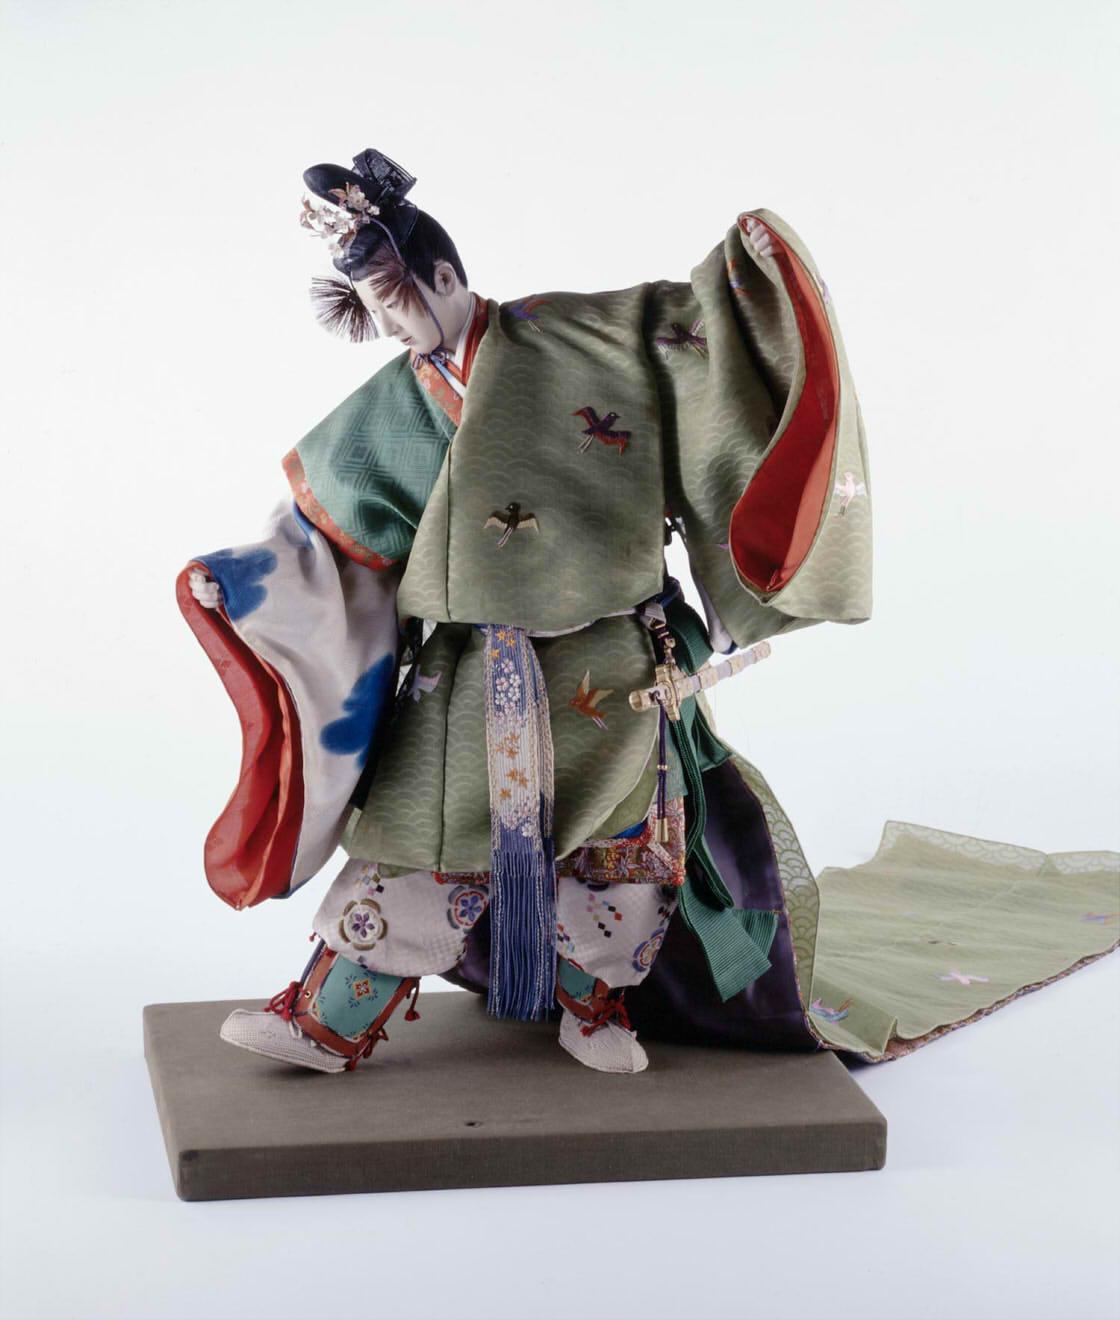 平田郷陽《桜梅の少将》1936年 東京国⽴近代美術館蔵